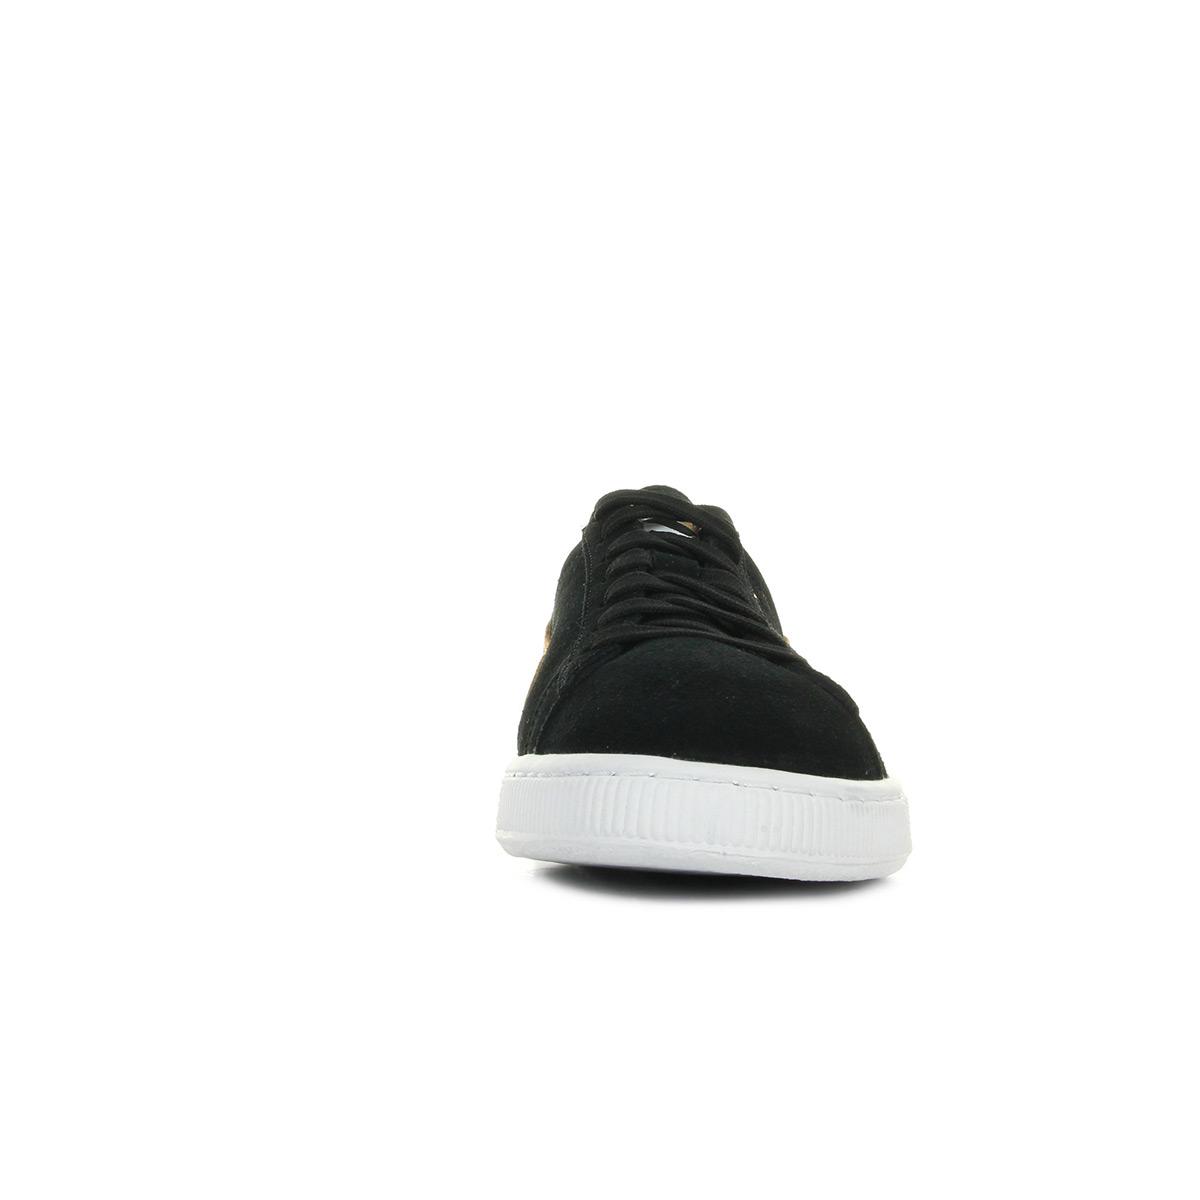 Puma Suede Classic + 36324226, Baskets mode